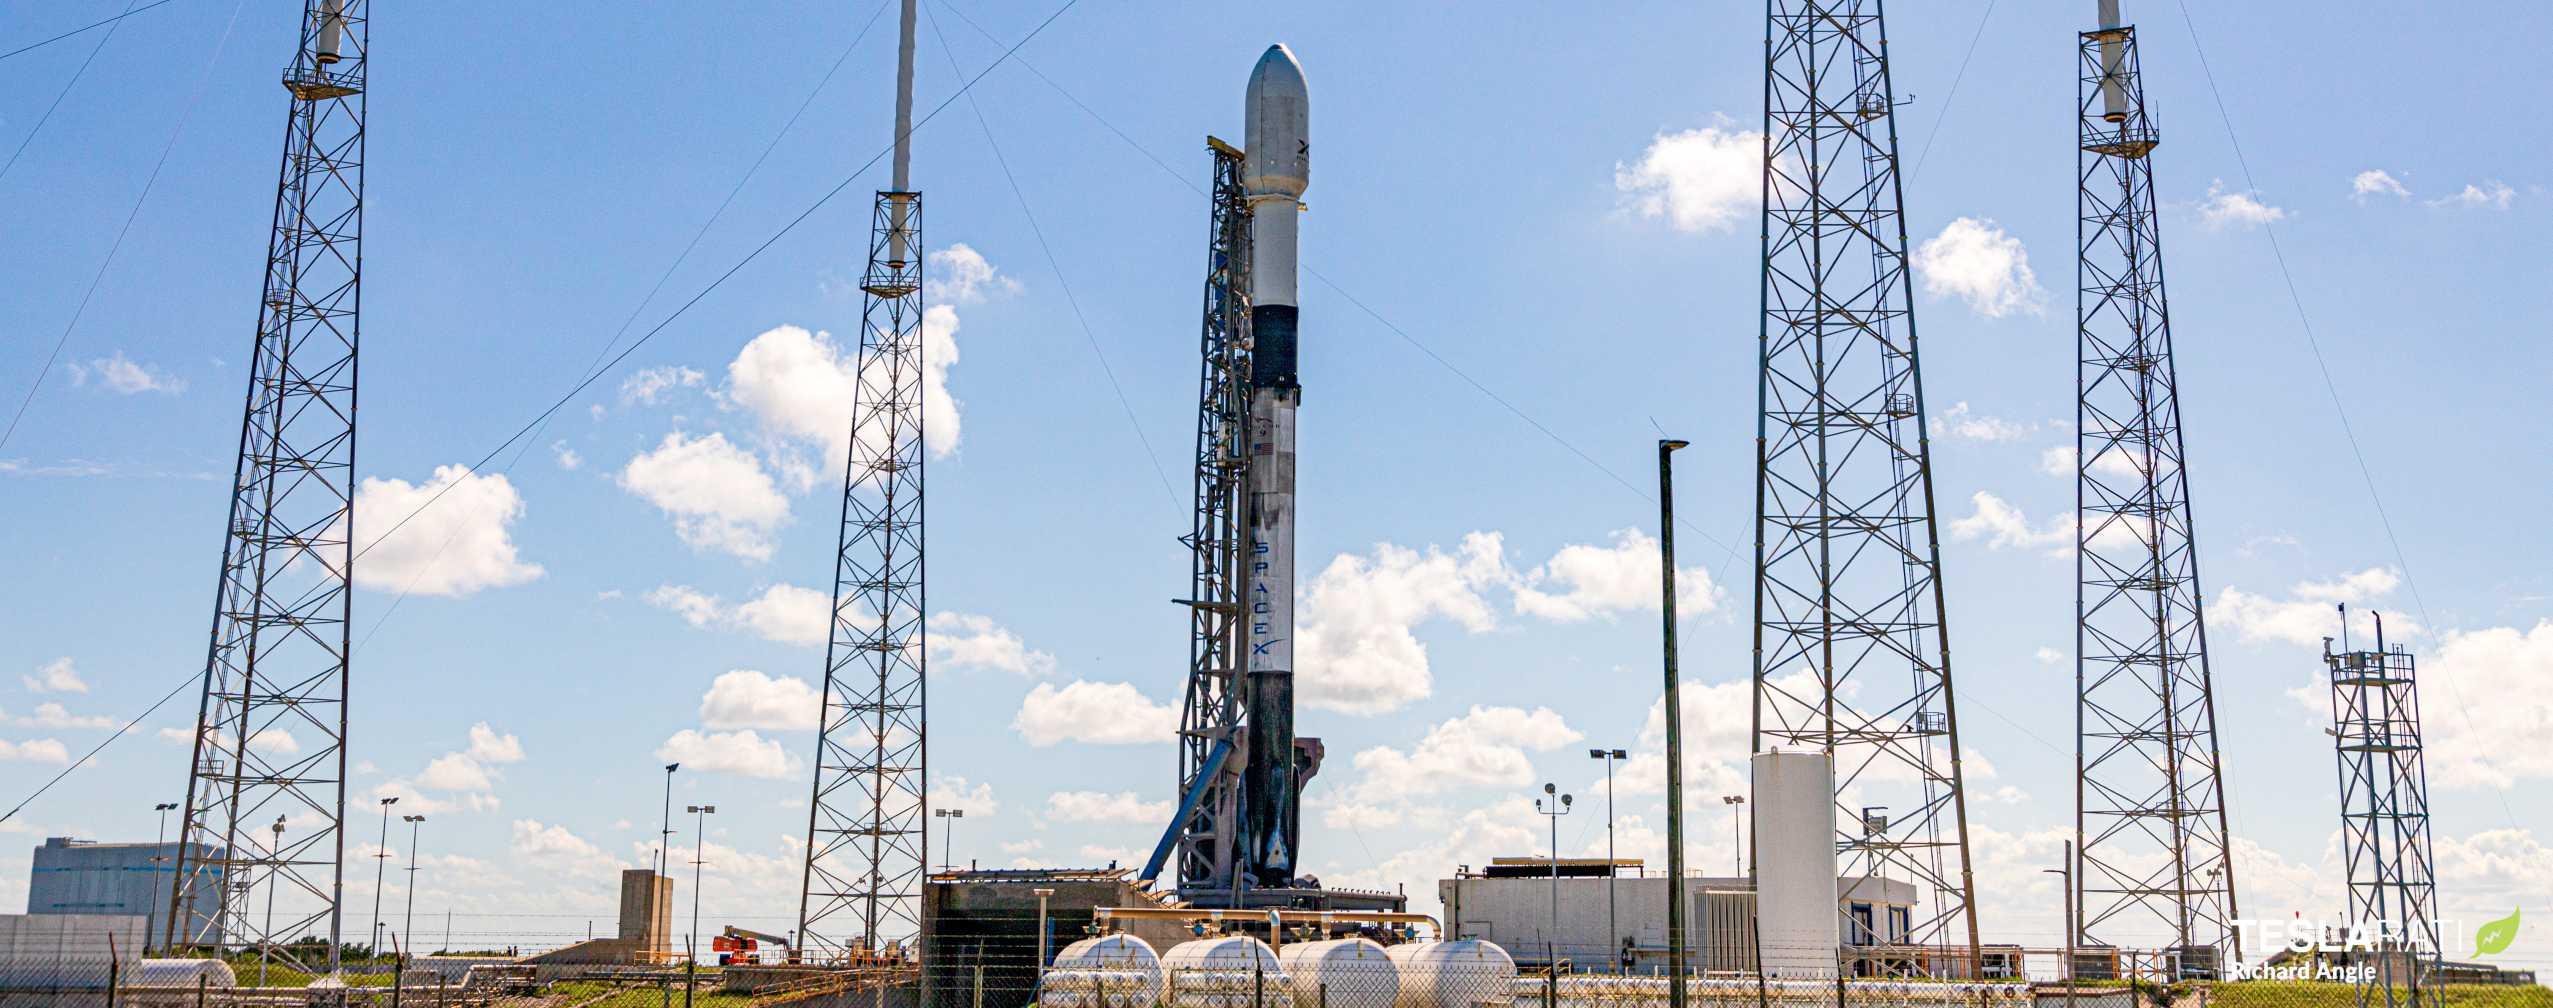 Starlink V1 L8 Falcon 9 B1059 LC40 061220 (Richard Angle) prelaunch 1 (c)